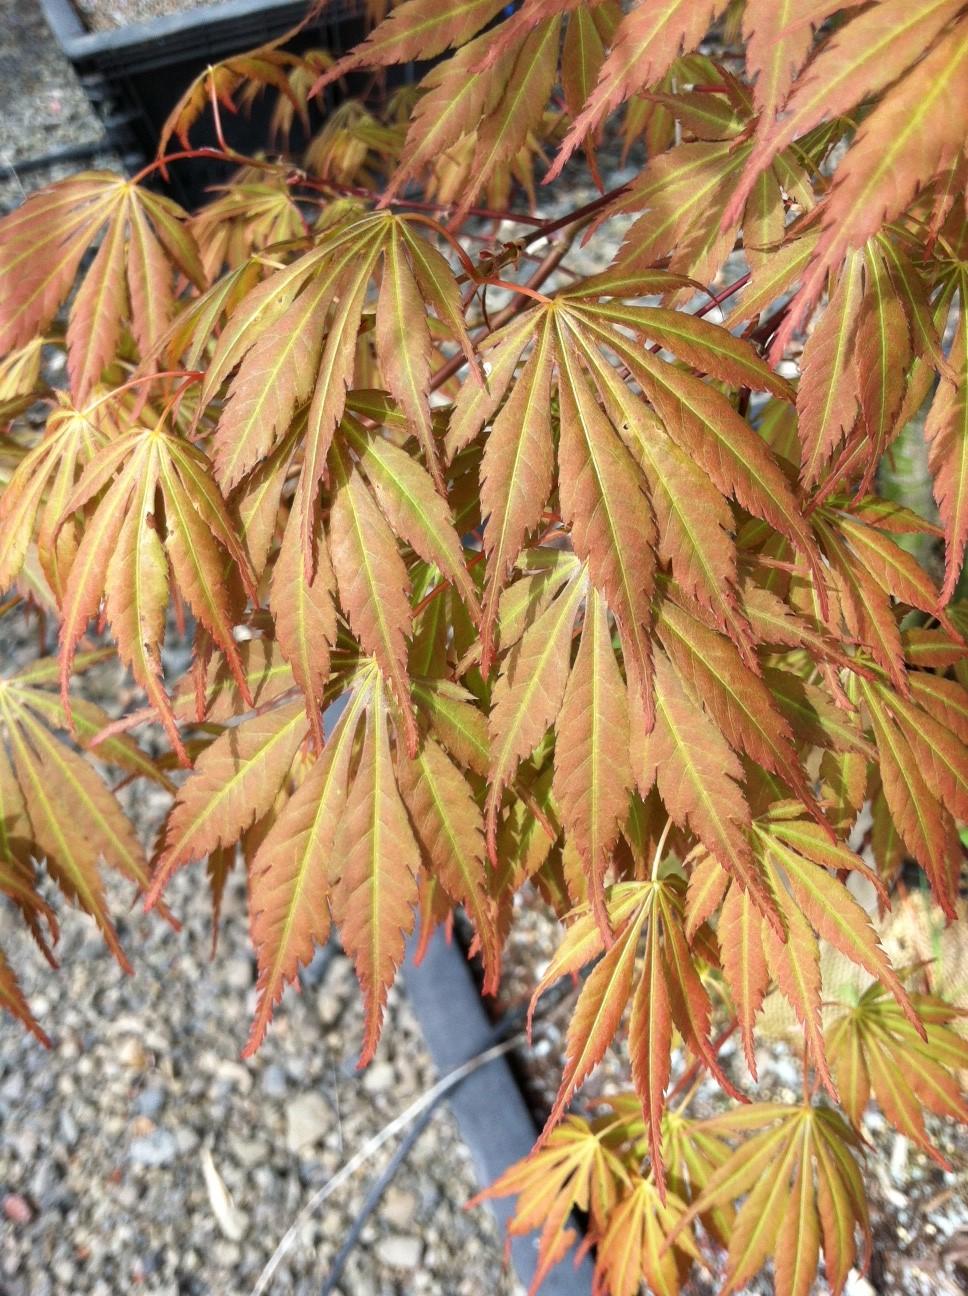 Acer p. 'Orange Dream', leaf close up